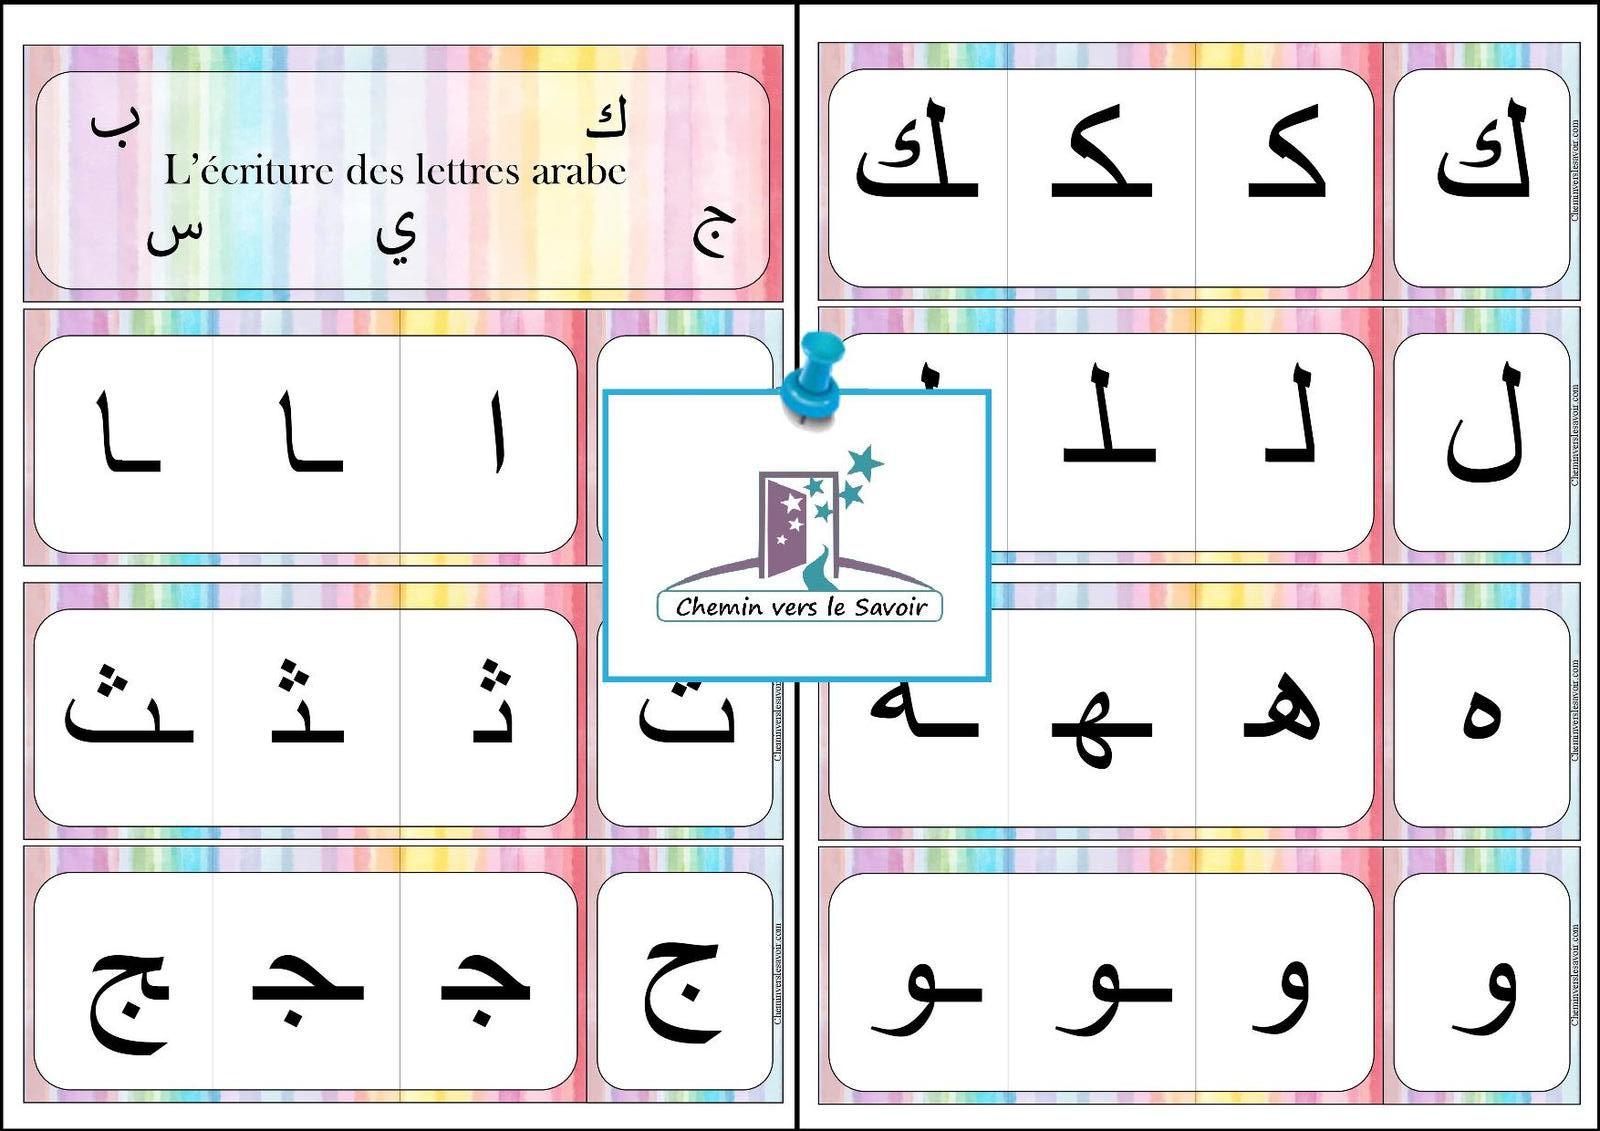 Lettres arabe début/milieu/fin